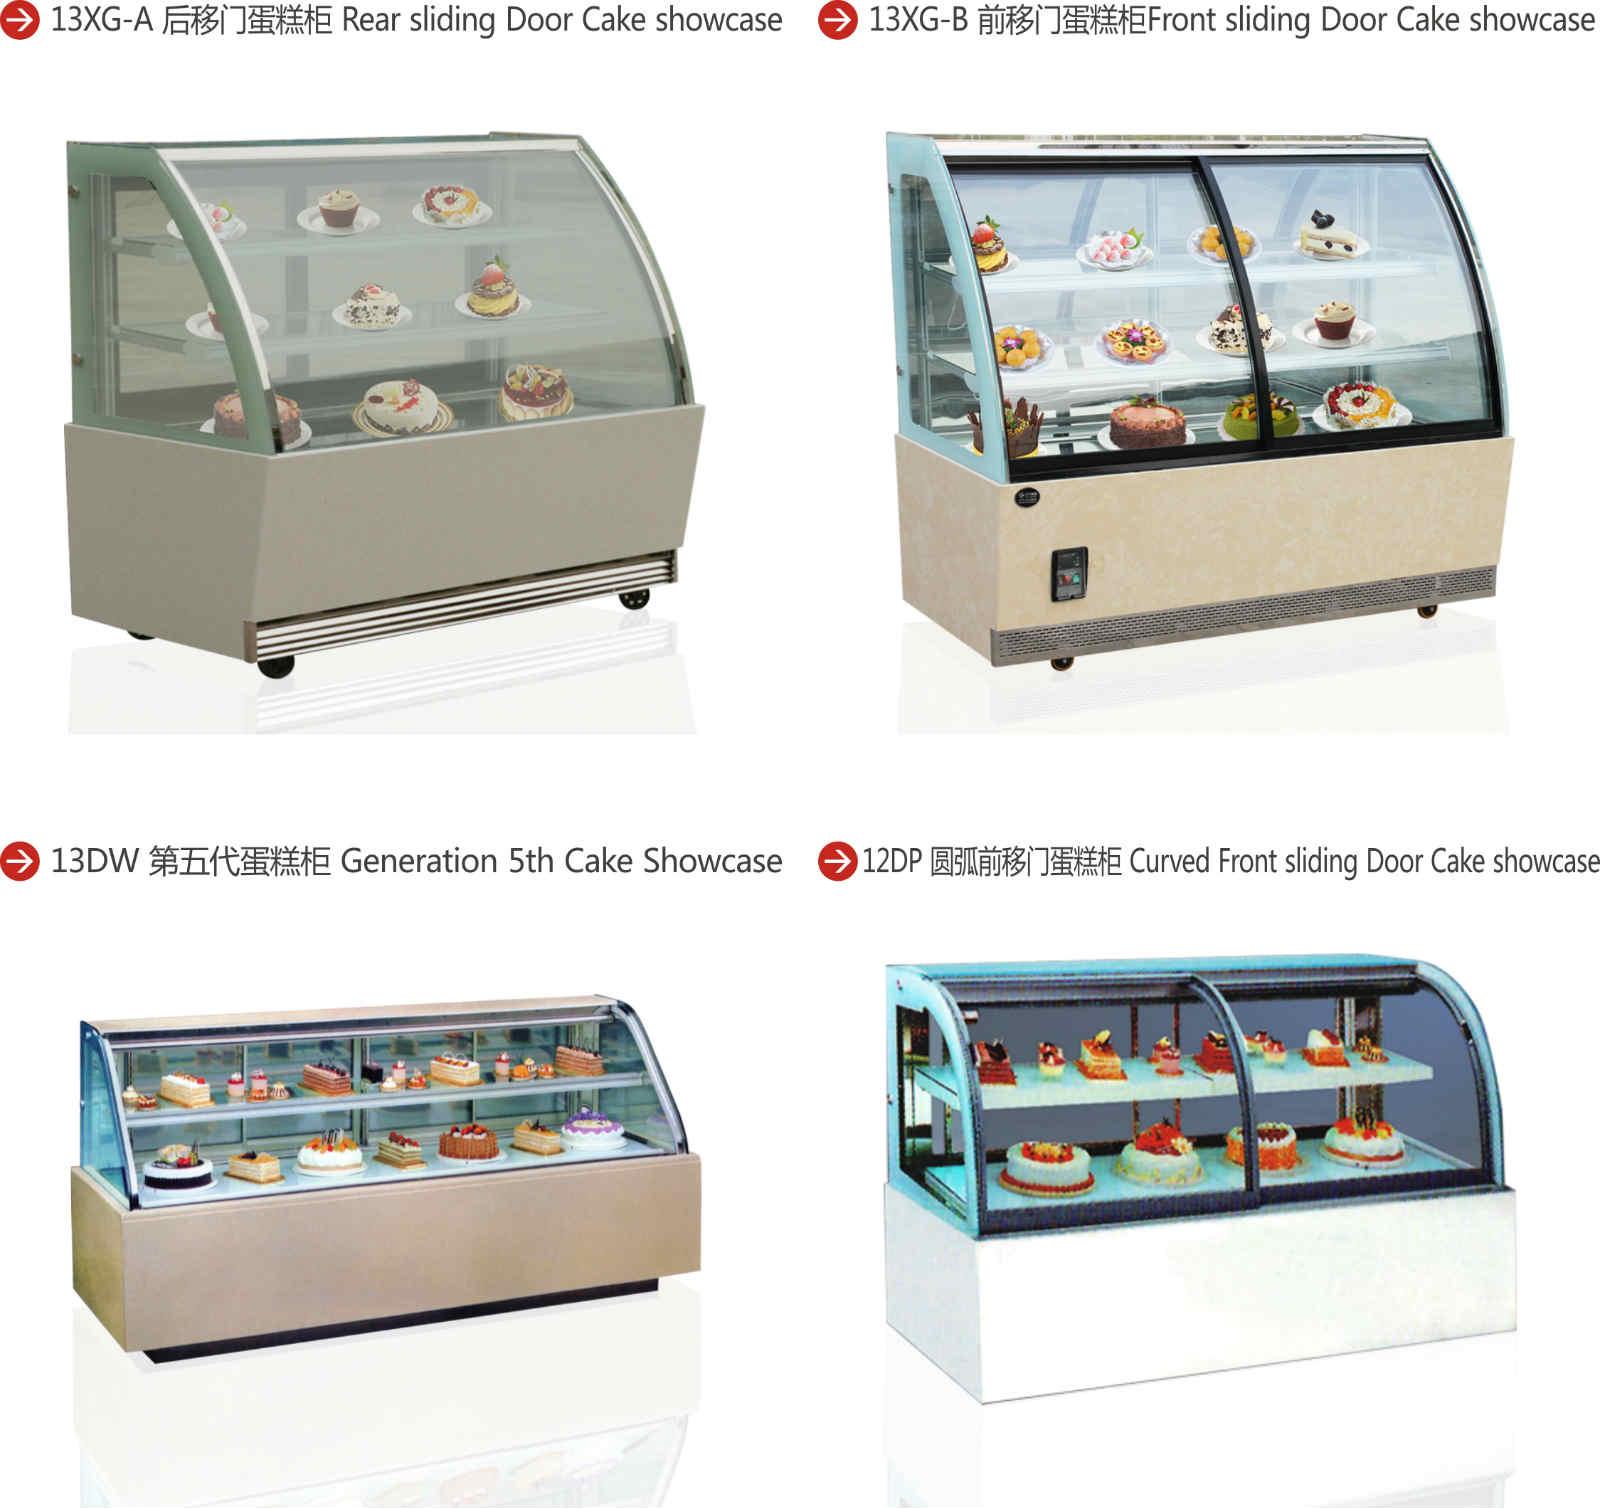 齐美电器,顶尖优质耐用的点菜柜公司,几十年专业生产商用制冷2020抢红包软件